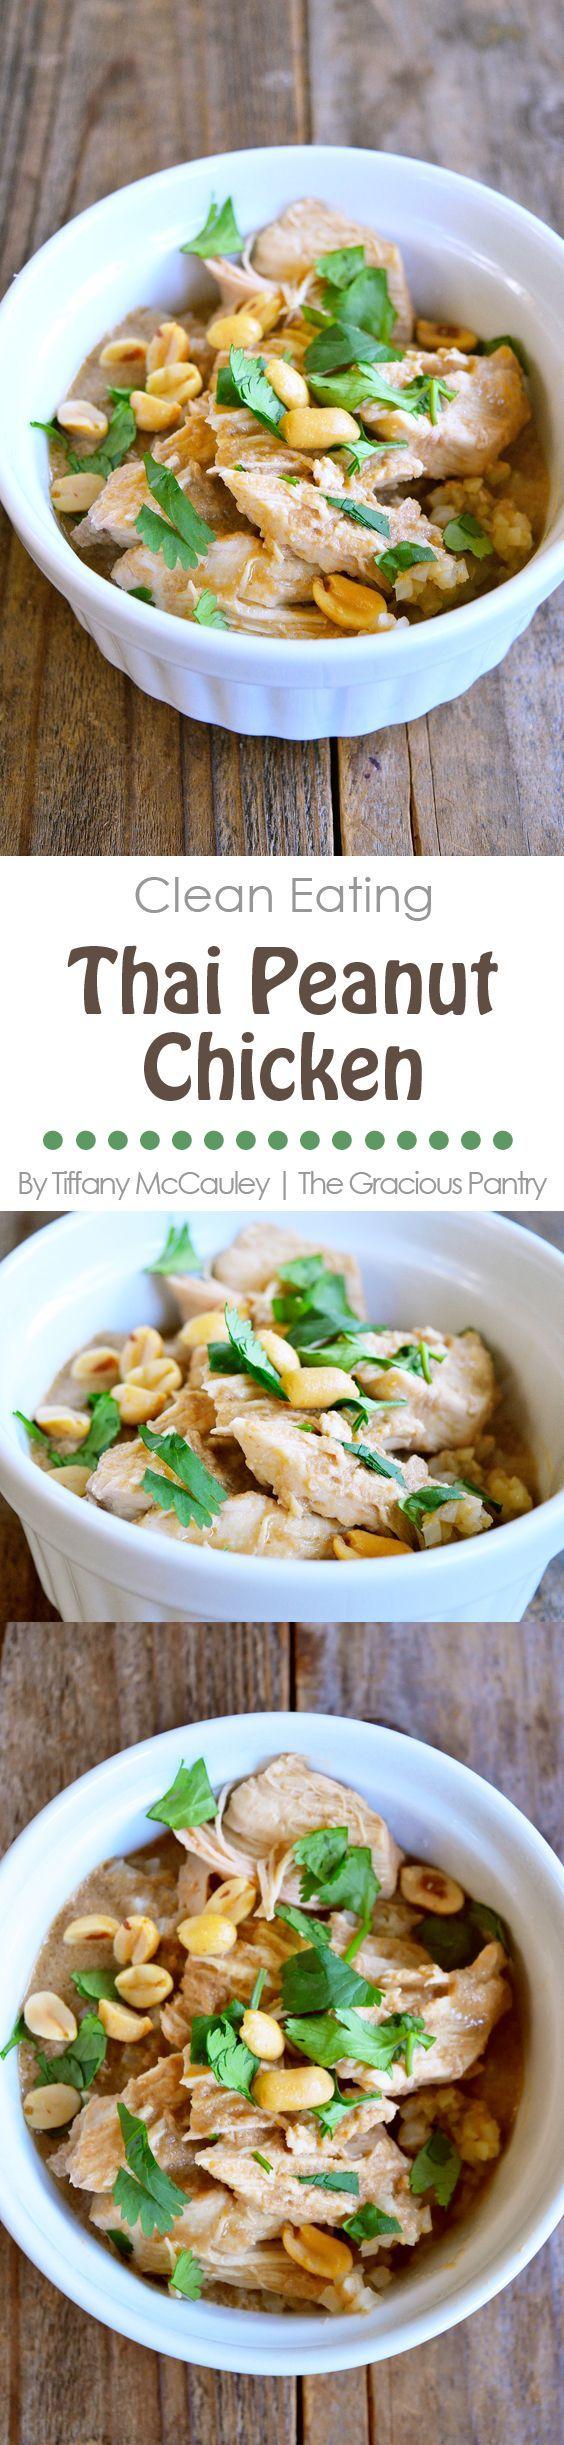 Thai Food Candida Diet